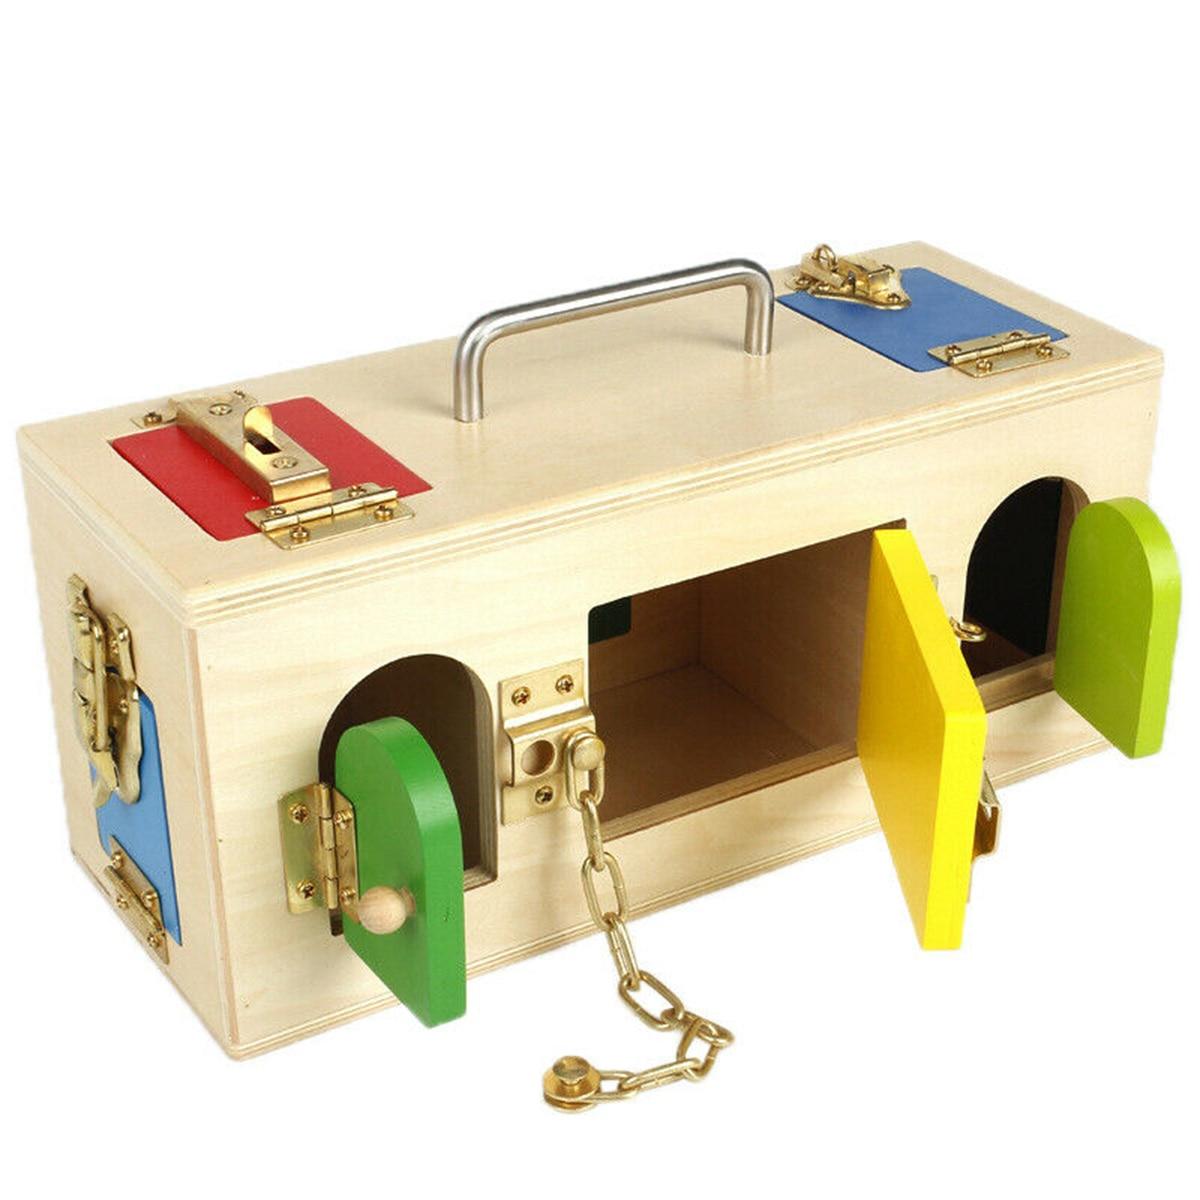 Montessori serrure boîte vie pratique jouet ouvrir la serrure clé éducatifs en bois jouets pour enfants de base et compétences de la vie jouets d'apprentissage - 2